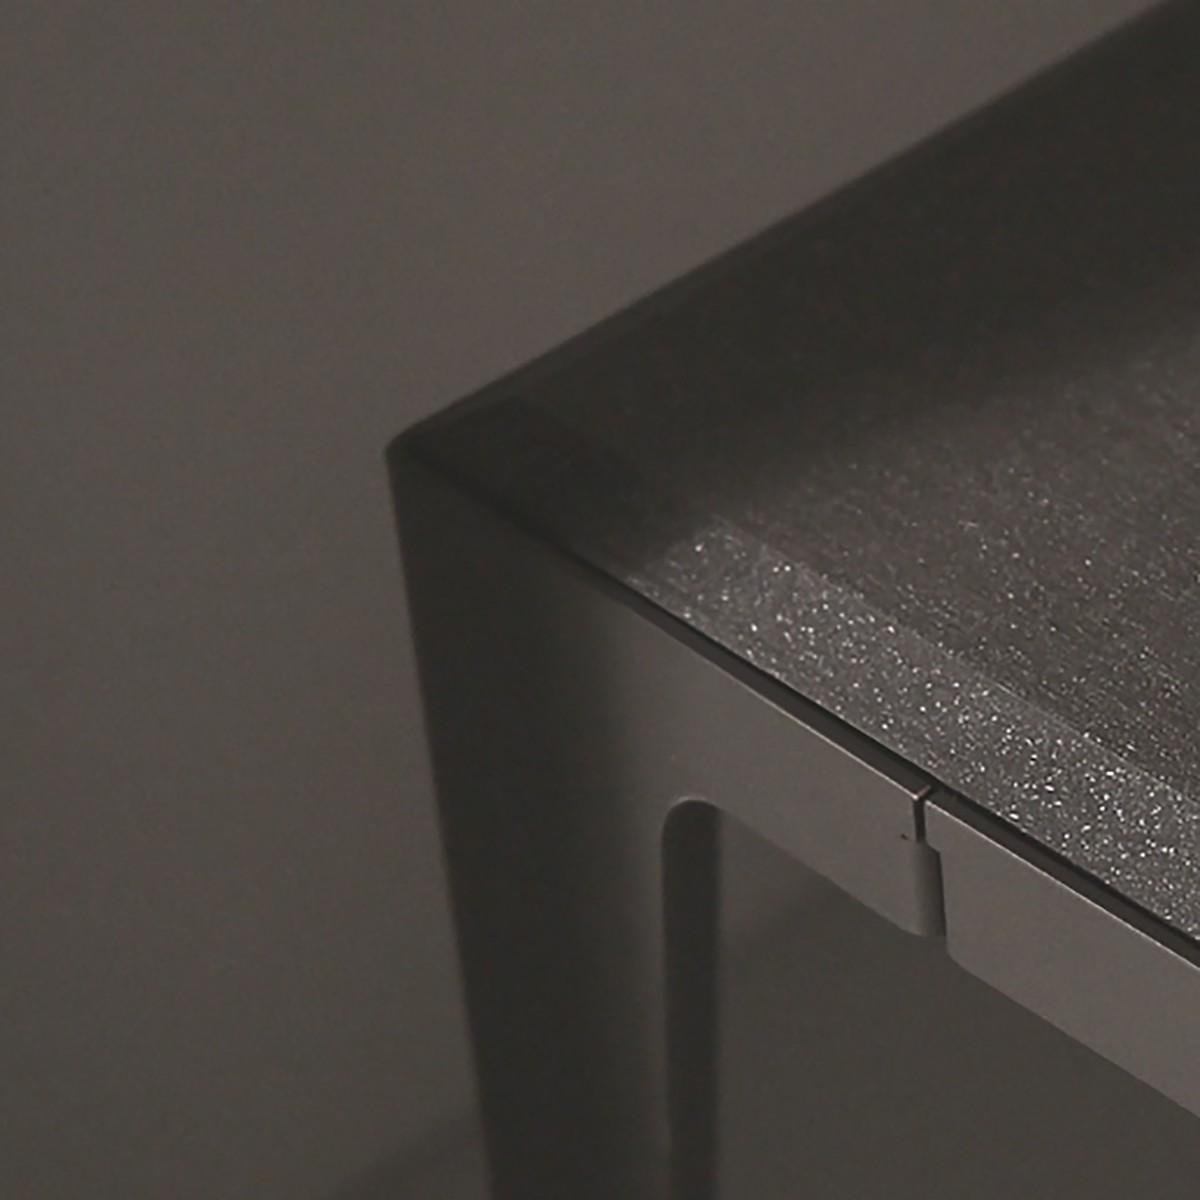 HOCKER CHAMFER schiefer-schwarz | nachhaltiges Möbeldesign | WYE